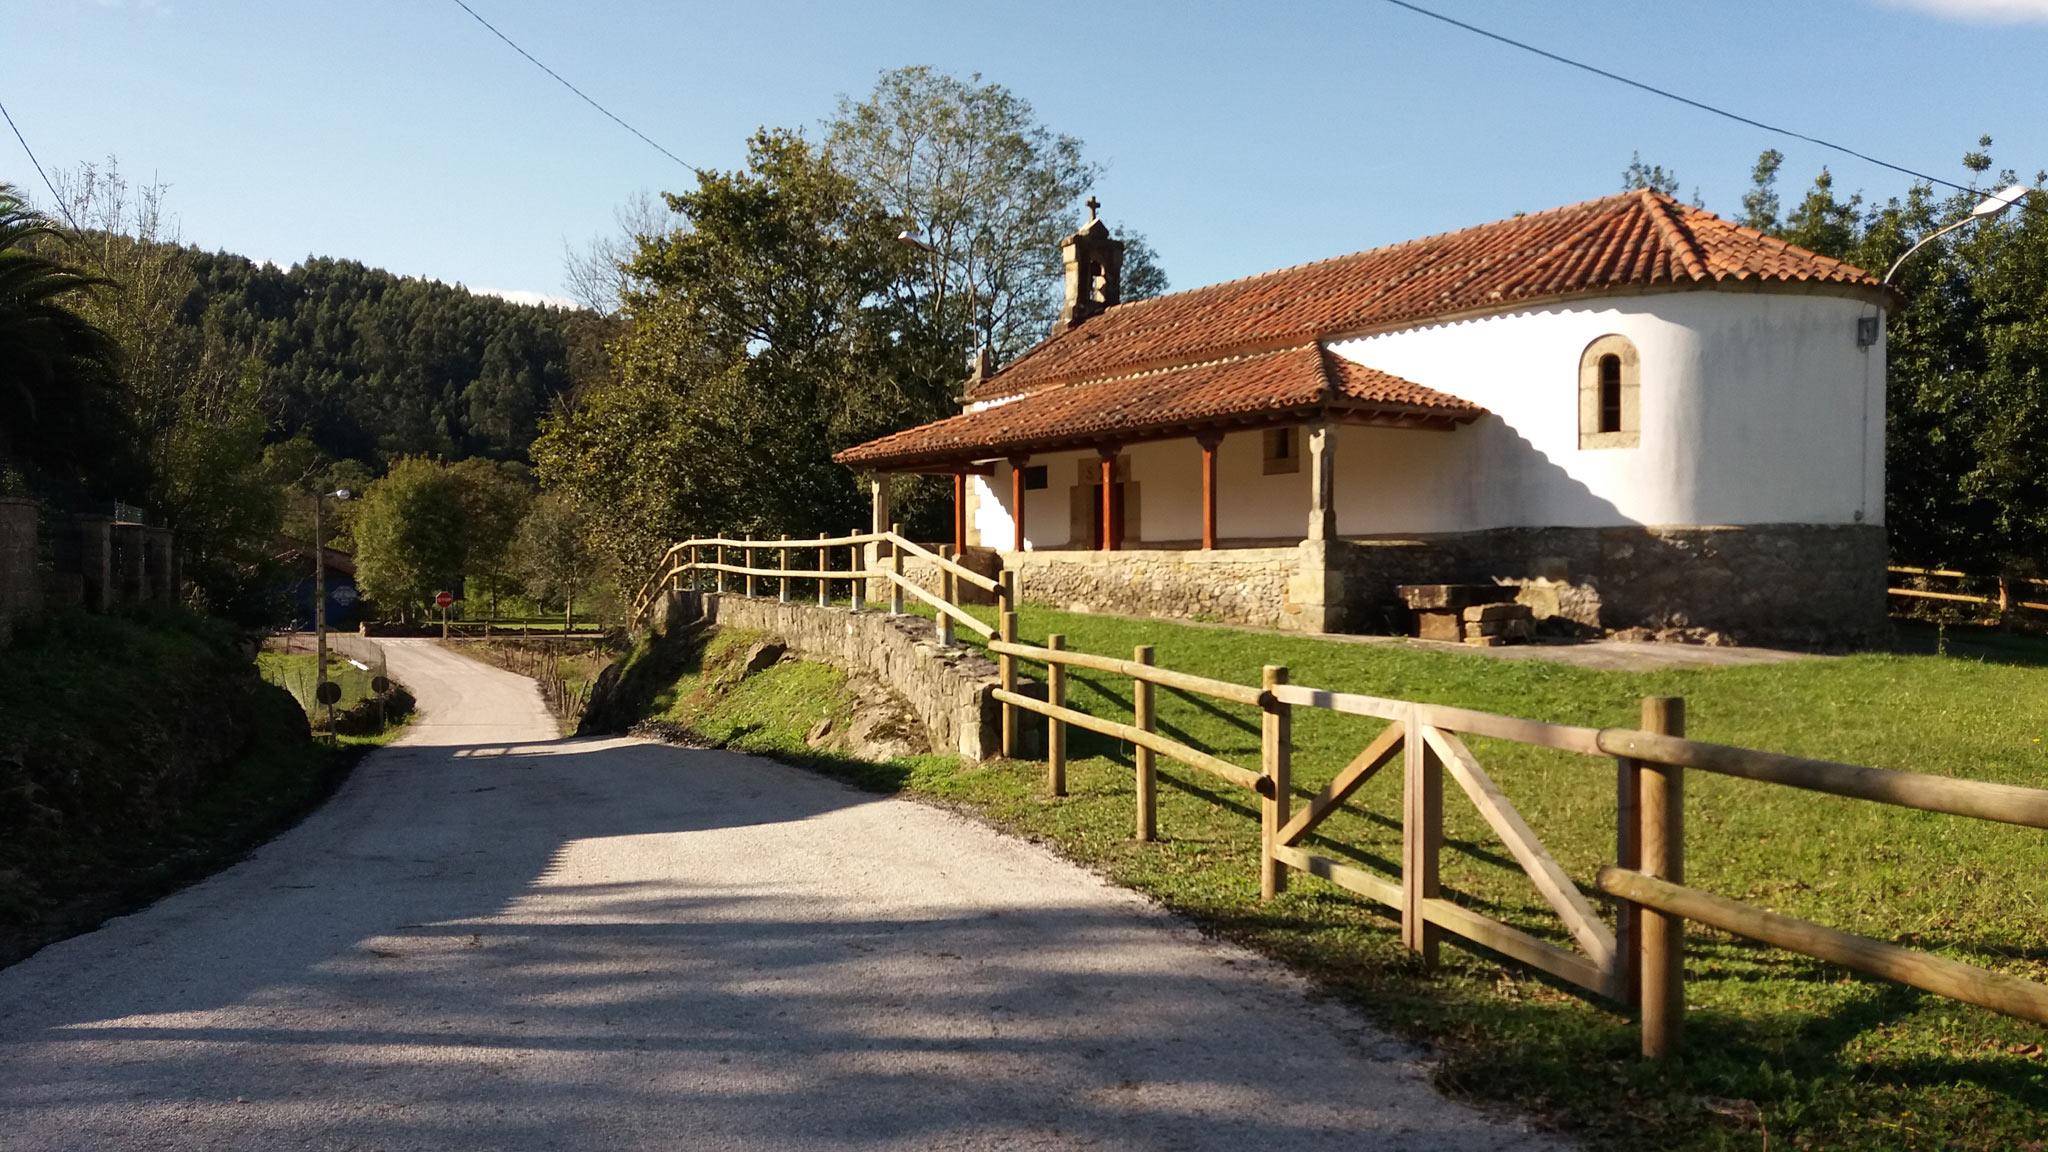 Arreglo carretera ermita de San Roque a Cueto